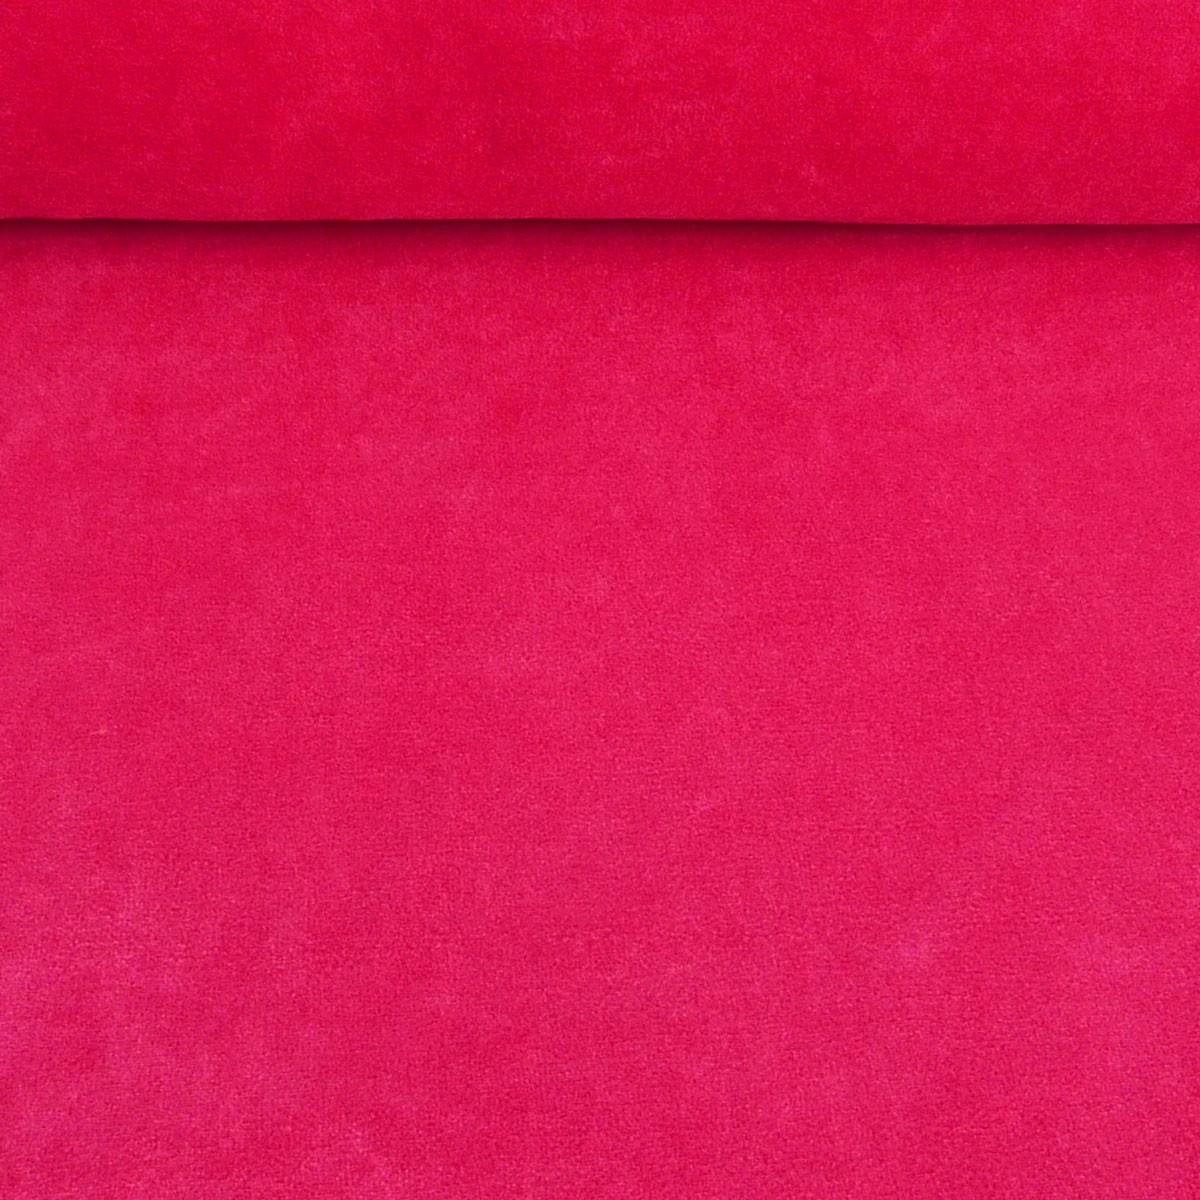 Bekleidungsstoff Nicky einfarbig pink